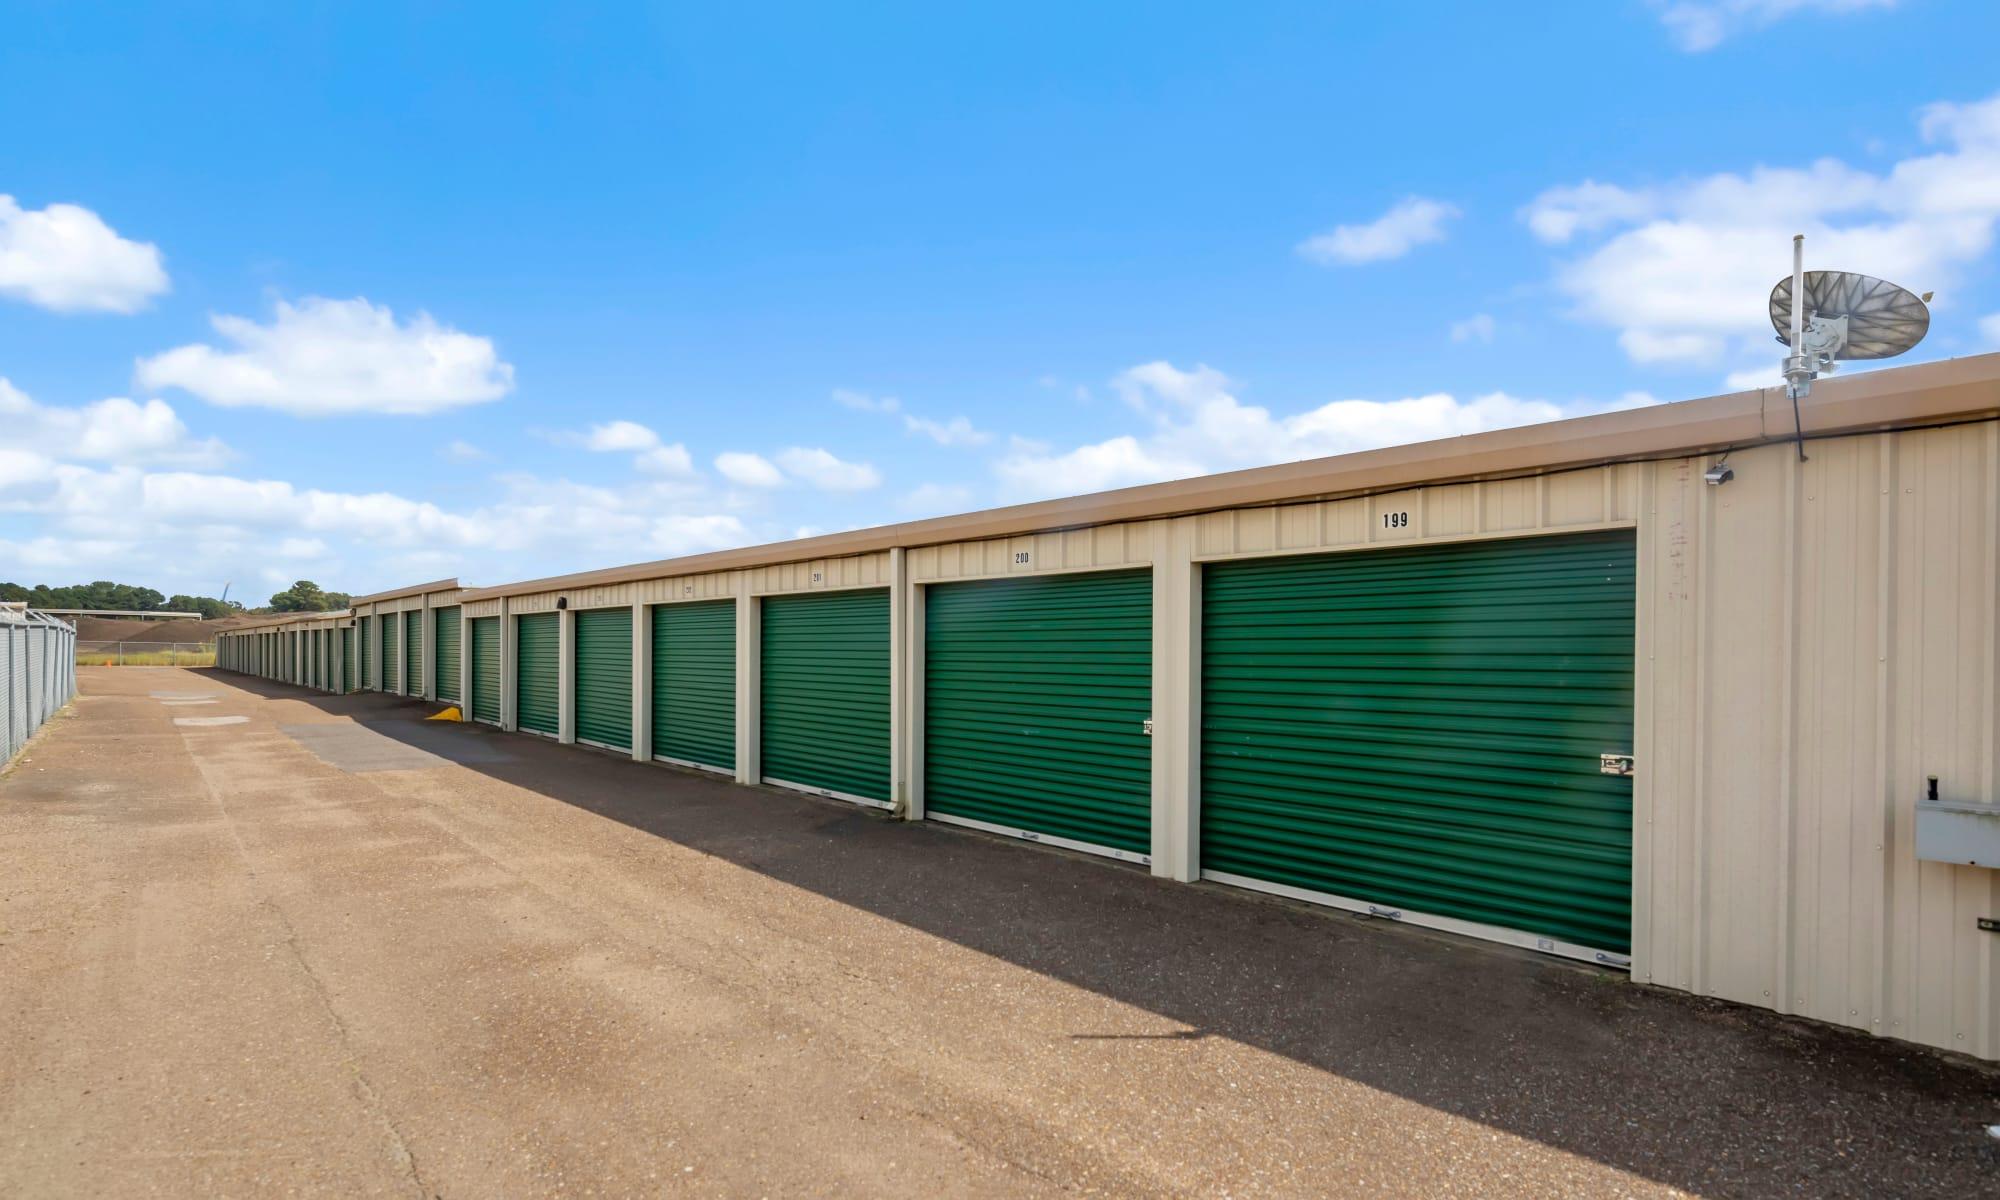 Self storage at Citizen Storage in Nesbit, Mississippi